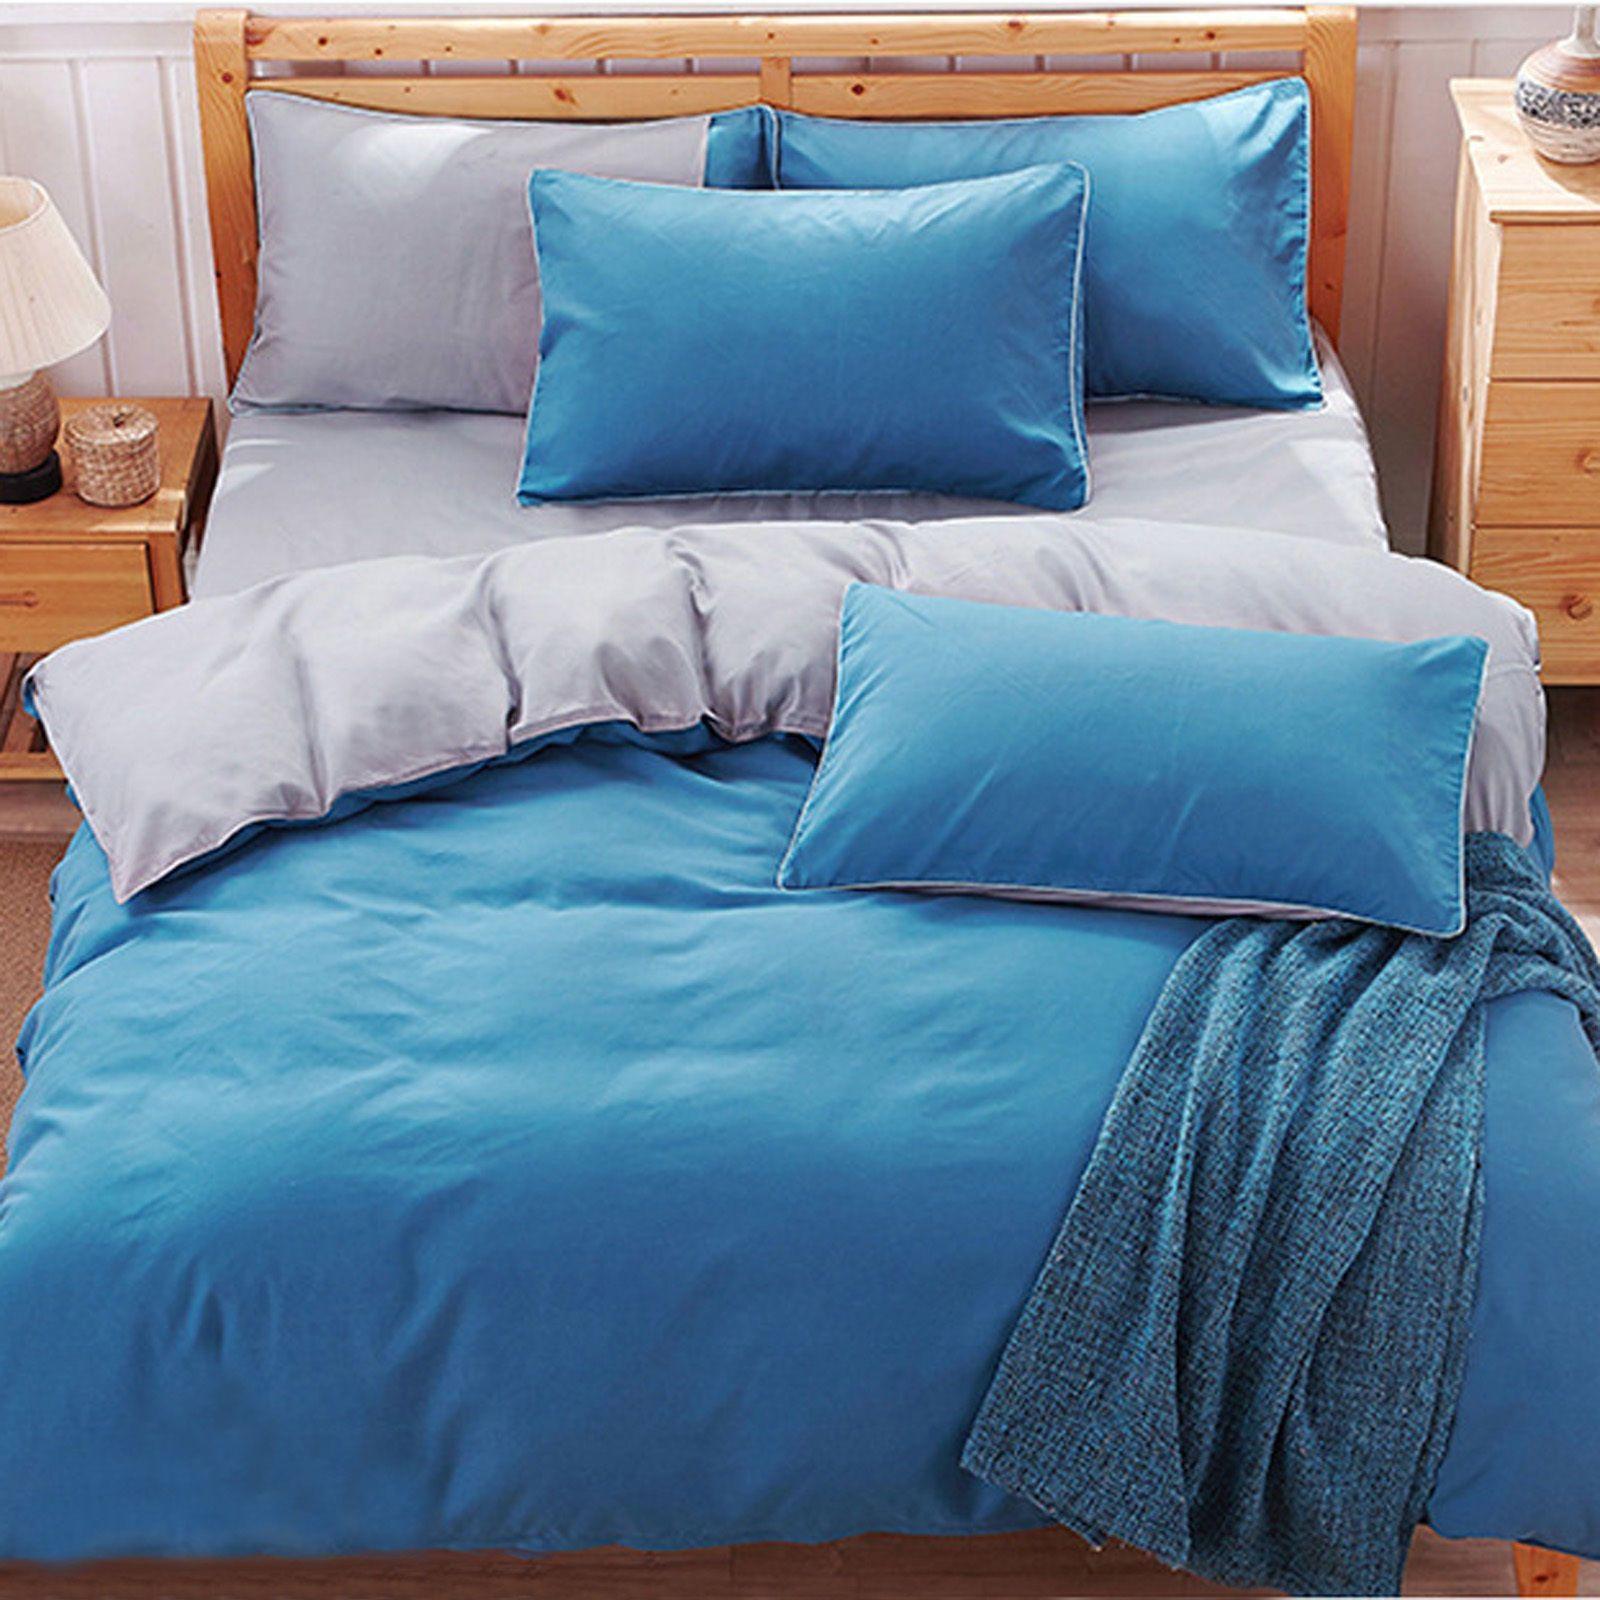 New 4PieceFlat Sheet Duvet Cover Pillow Case Twin